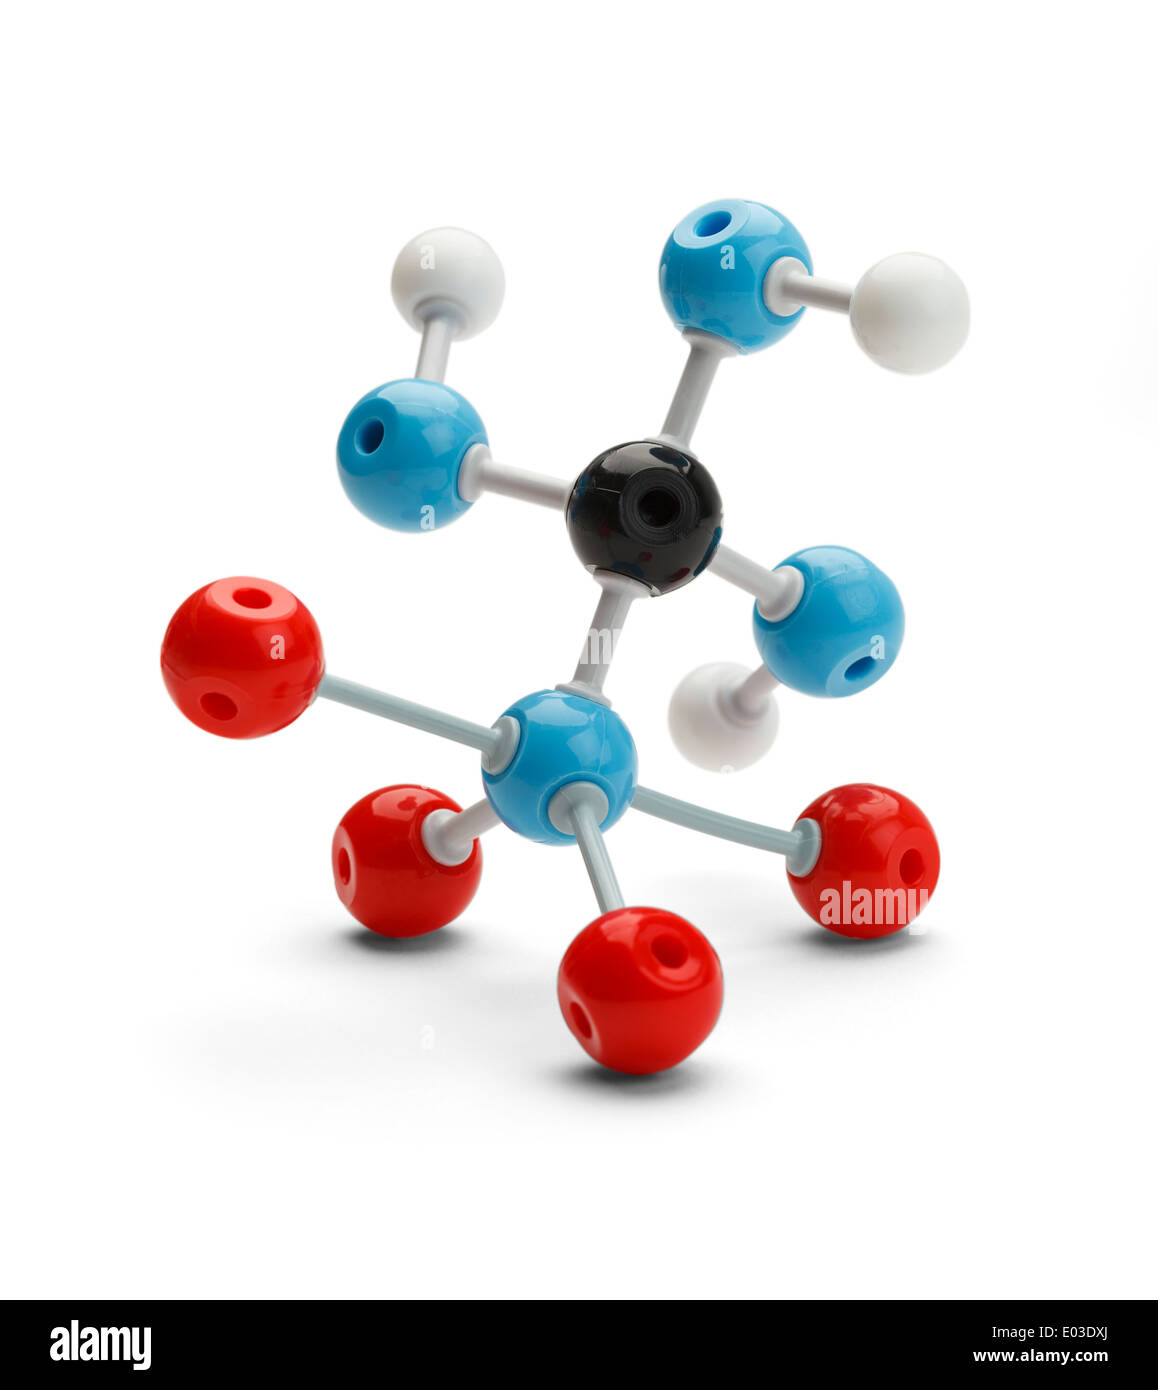 La structure de la molécule isolée sur un fond blanc. Photo Stock